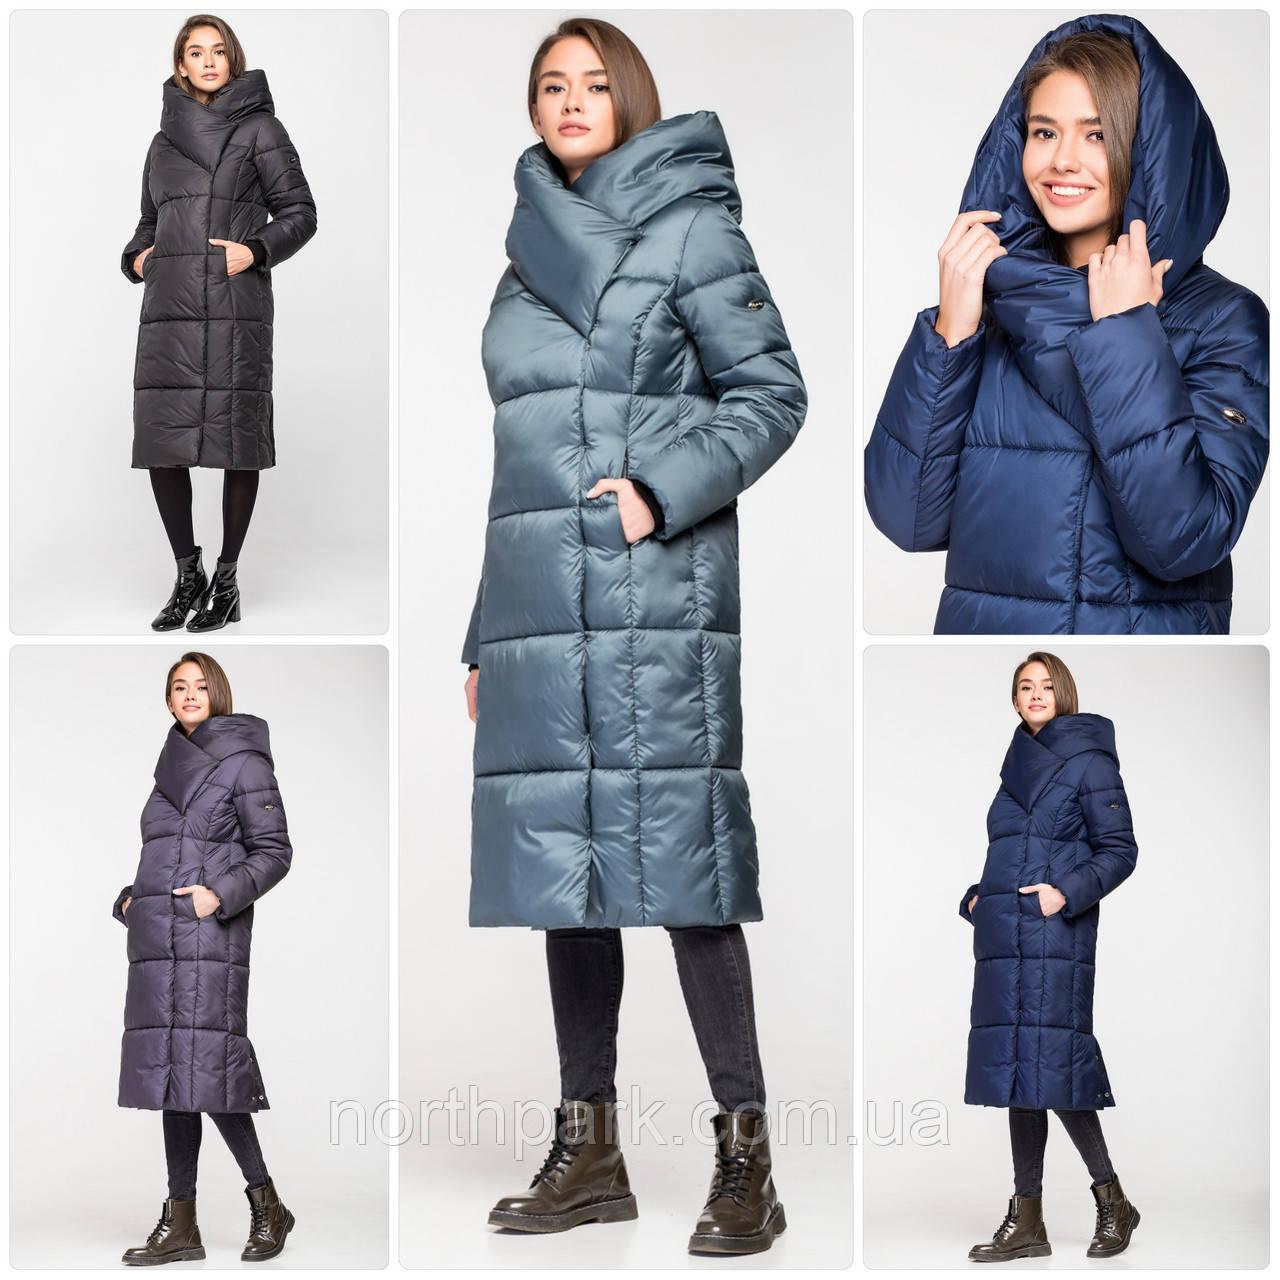 Модний зимовий атласний пуховик - пальто KTL з об'ємним коміром